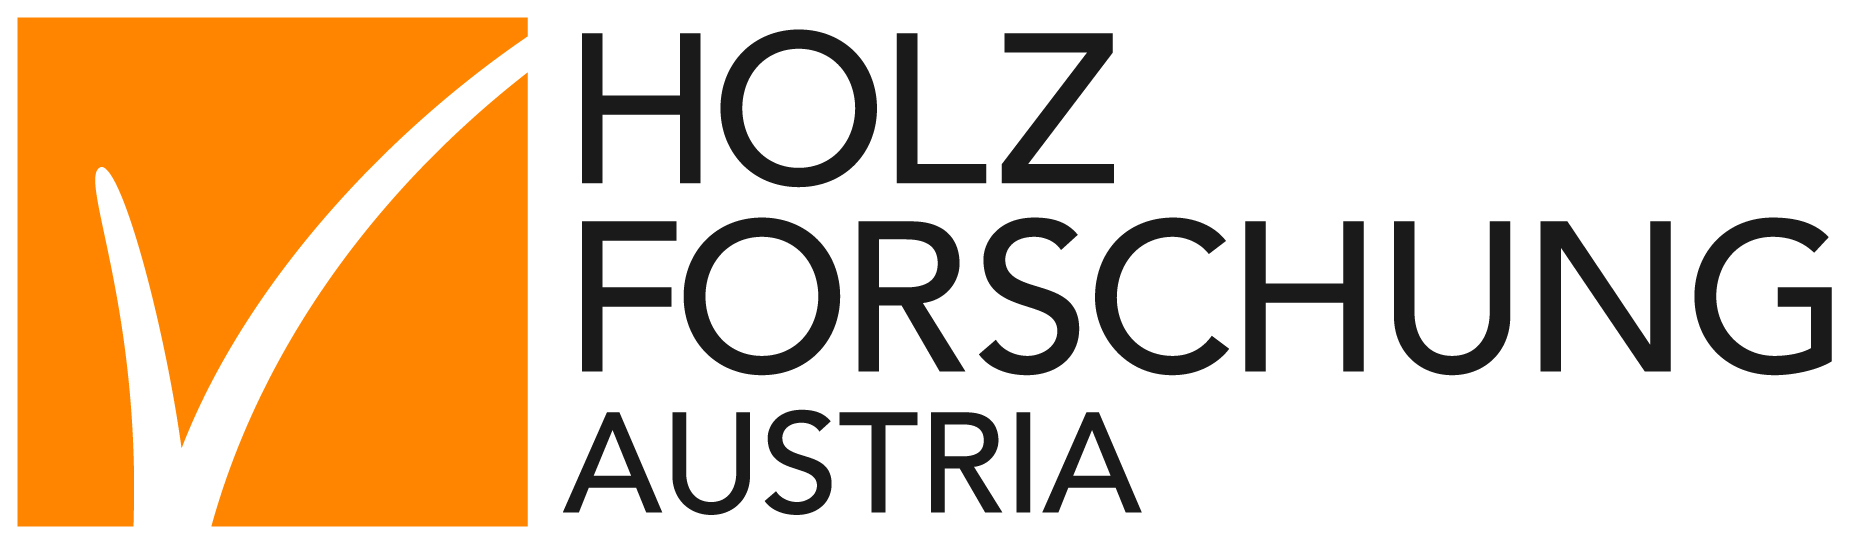 Holzforschung Austria